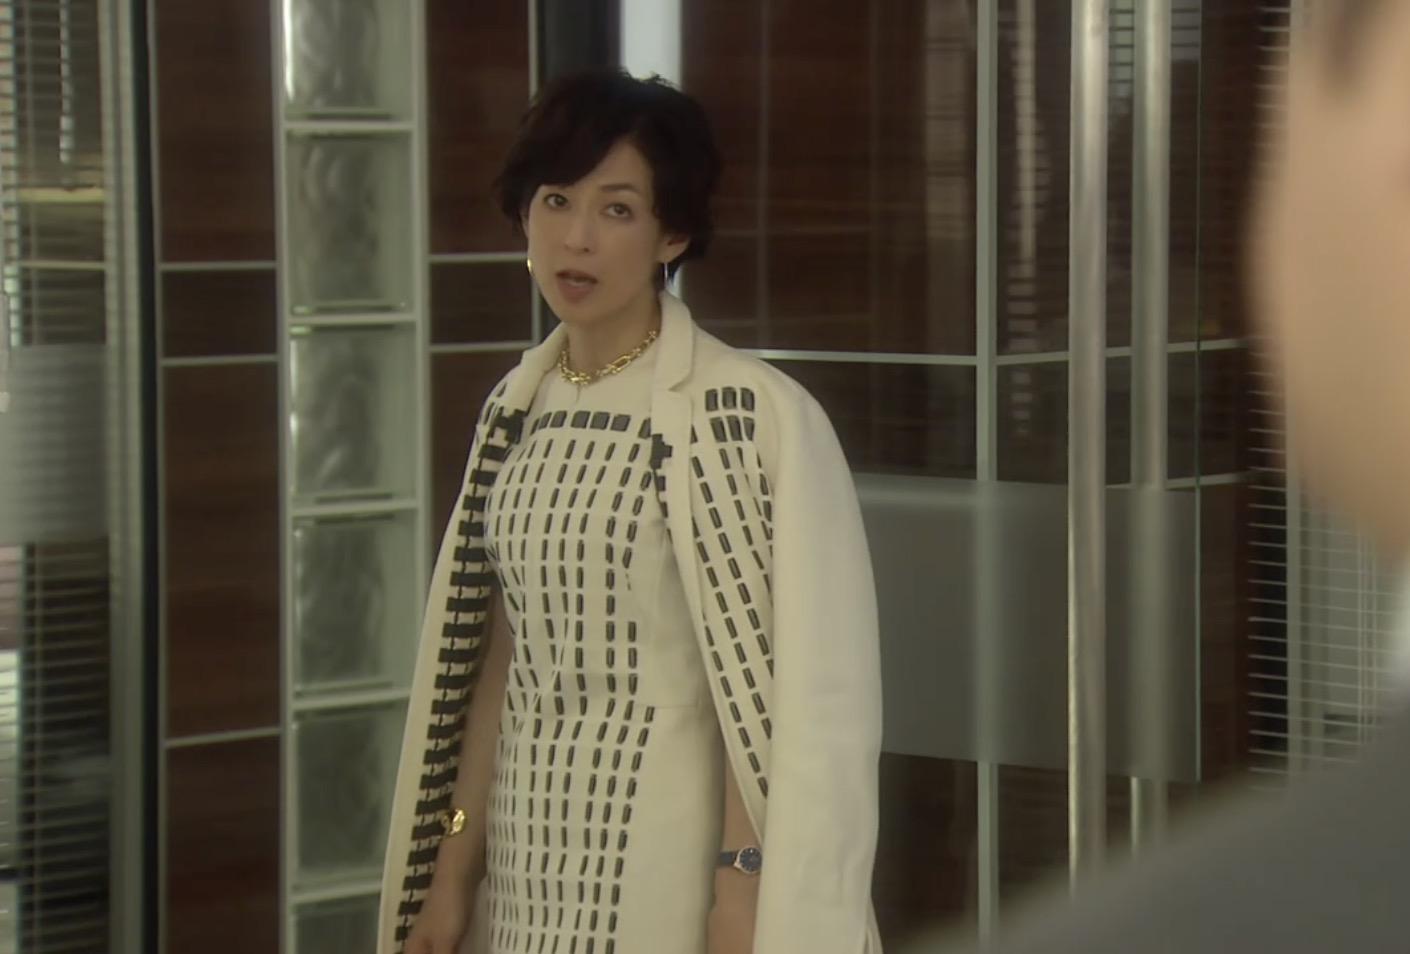 鈴木保奈美のファッション、ドラマ「SUITS/スーツ」第7話で着てたAKRISのコート